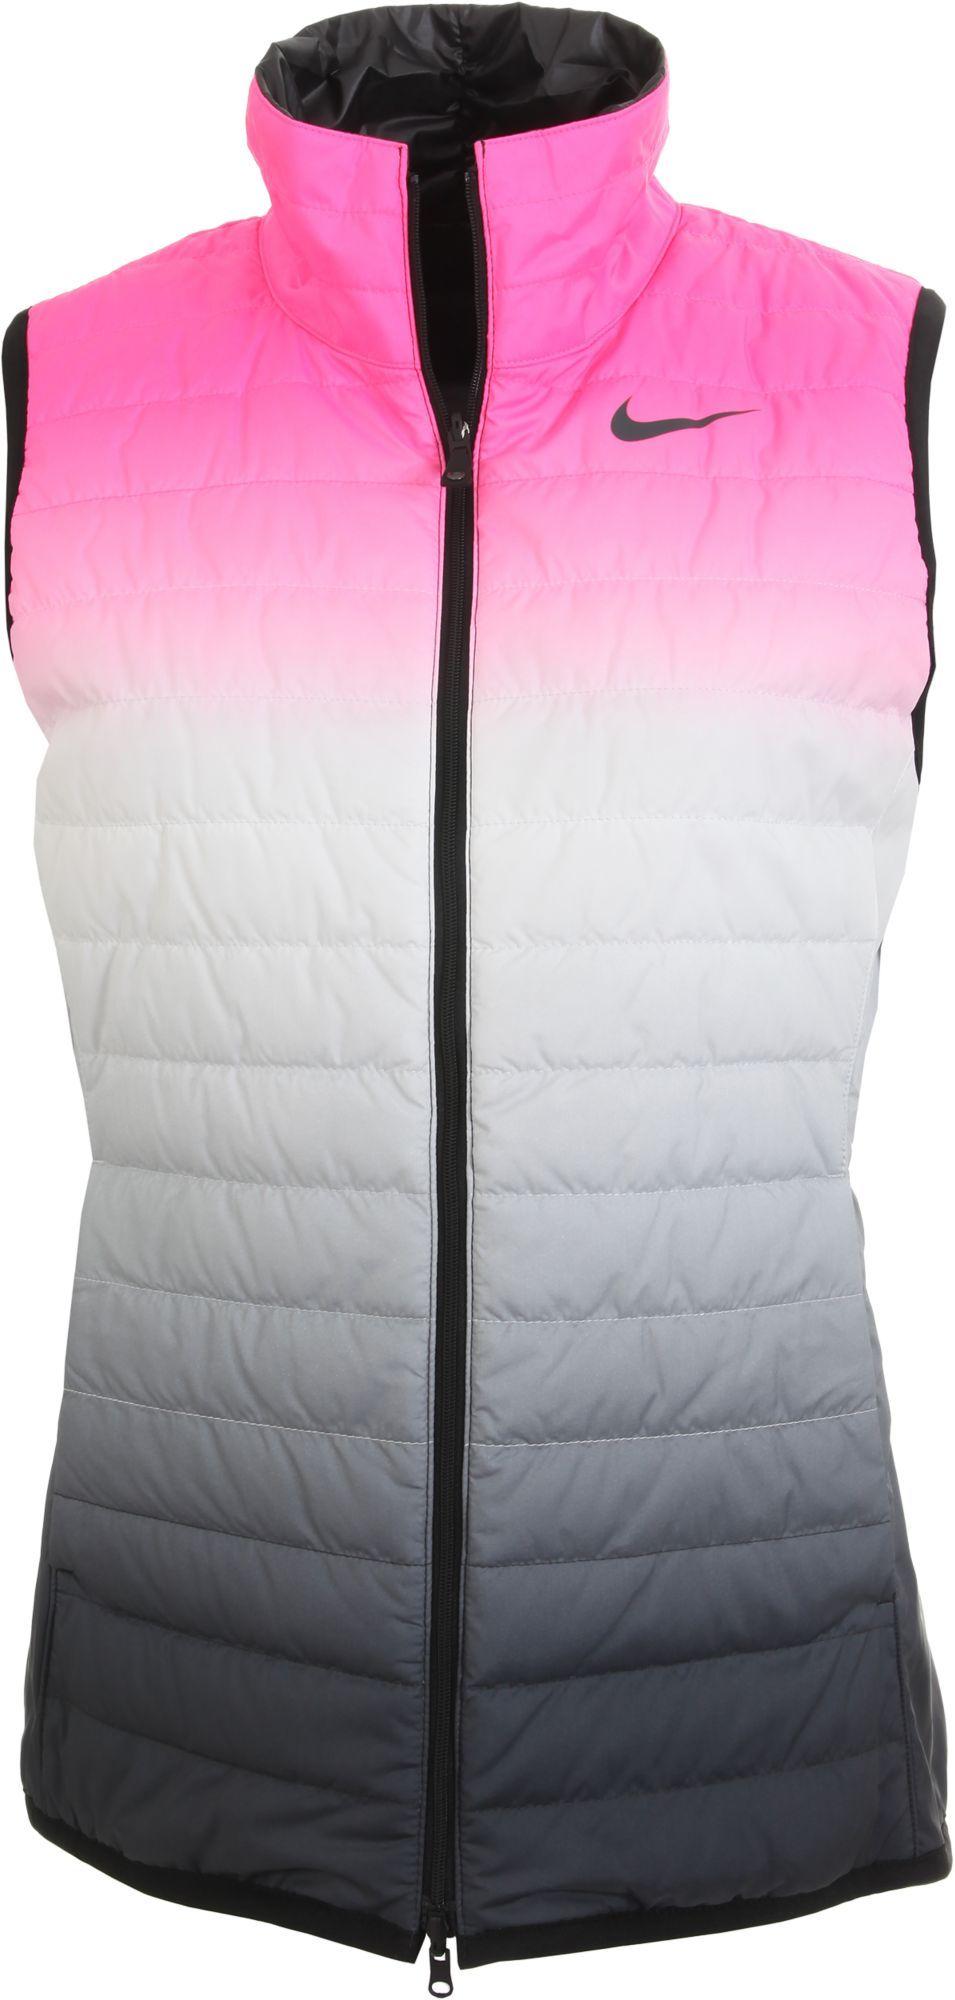 Women's nike golf apparel sale